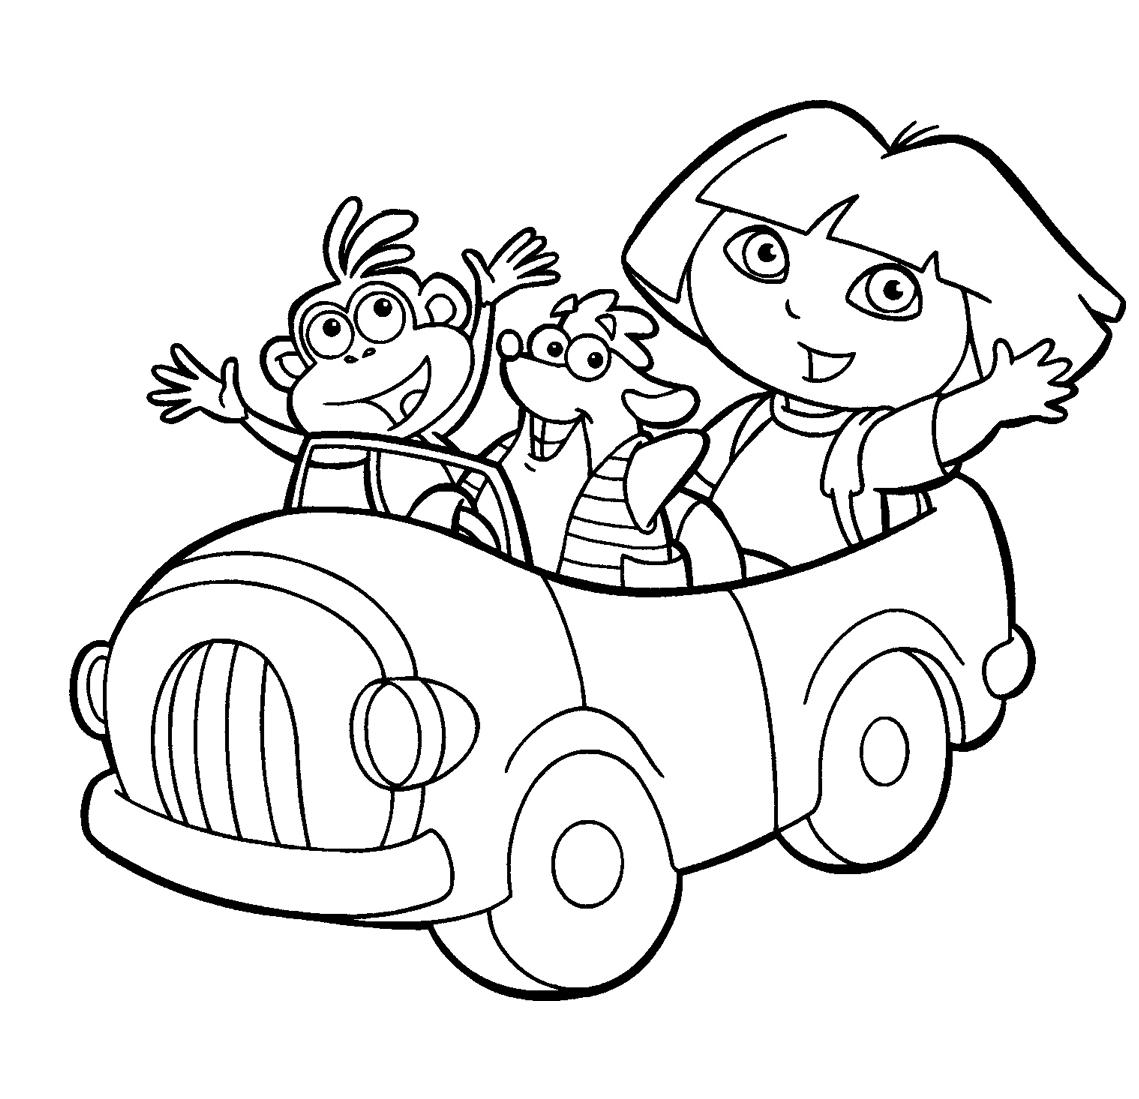 Dibujo para pintar dibujo para colorear dora la exploradora en coche